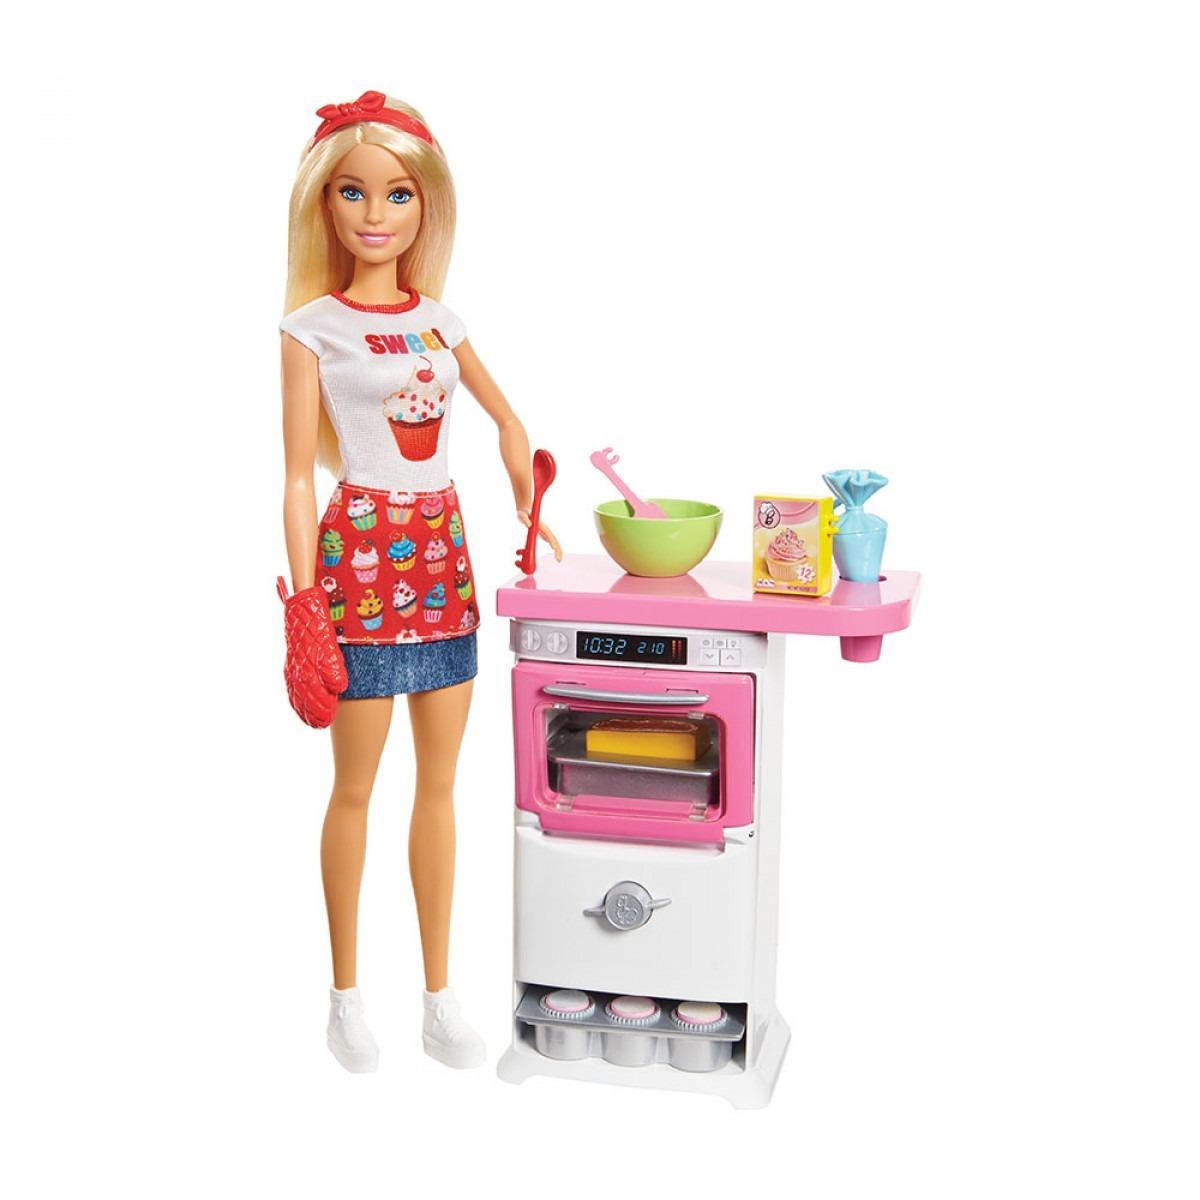 Barbie Cocina Y Crea Chef De Pastelitos Set De Juego 689 00 En